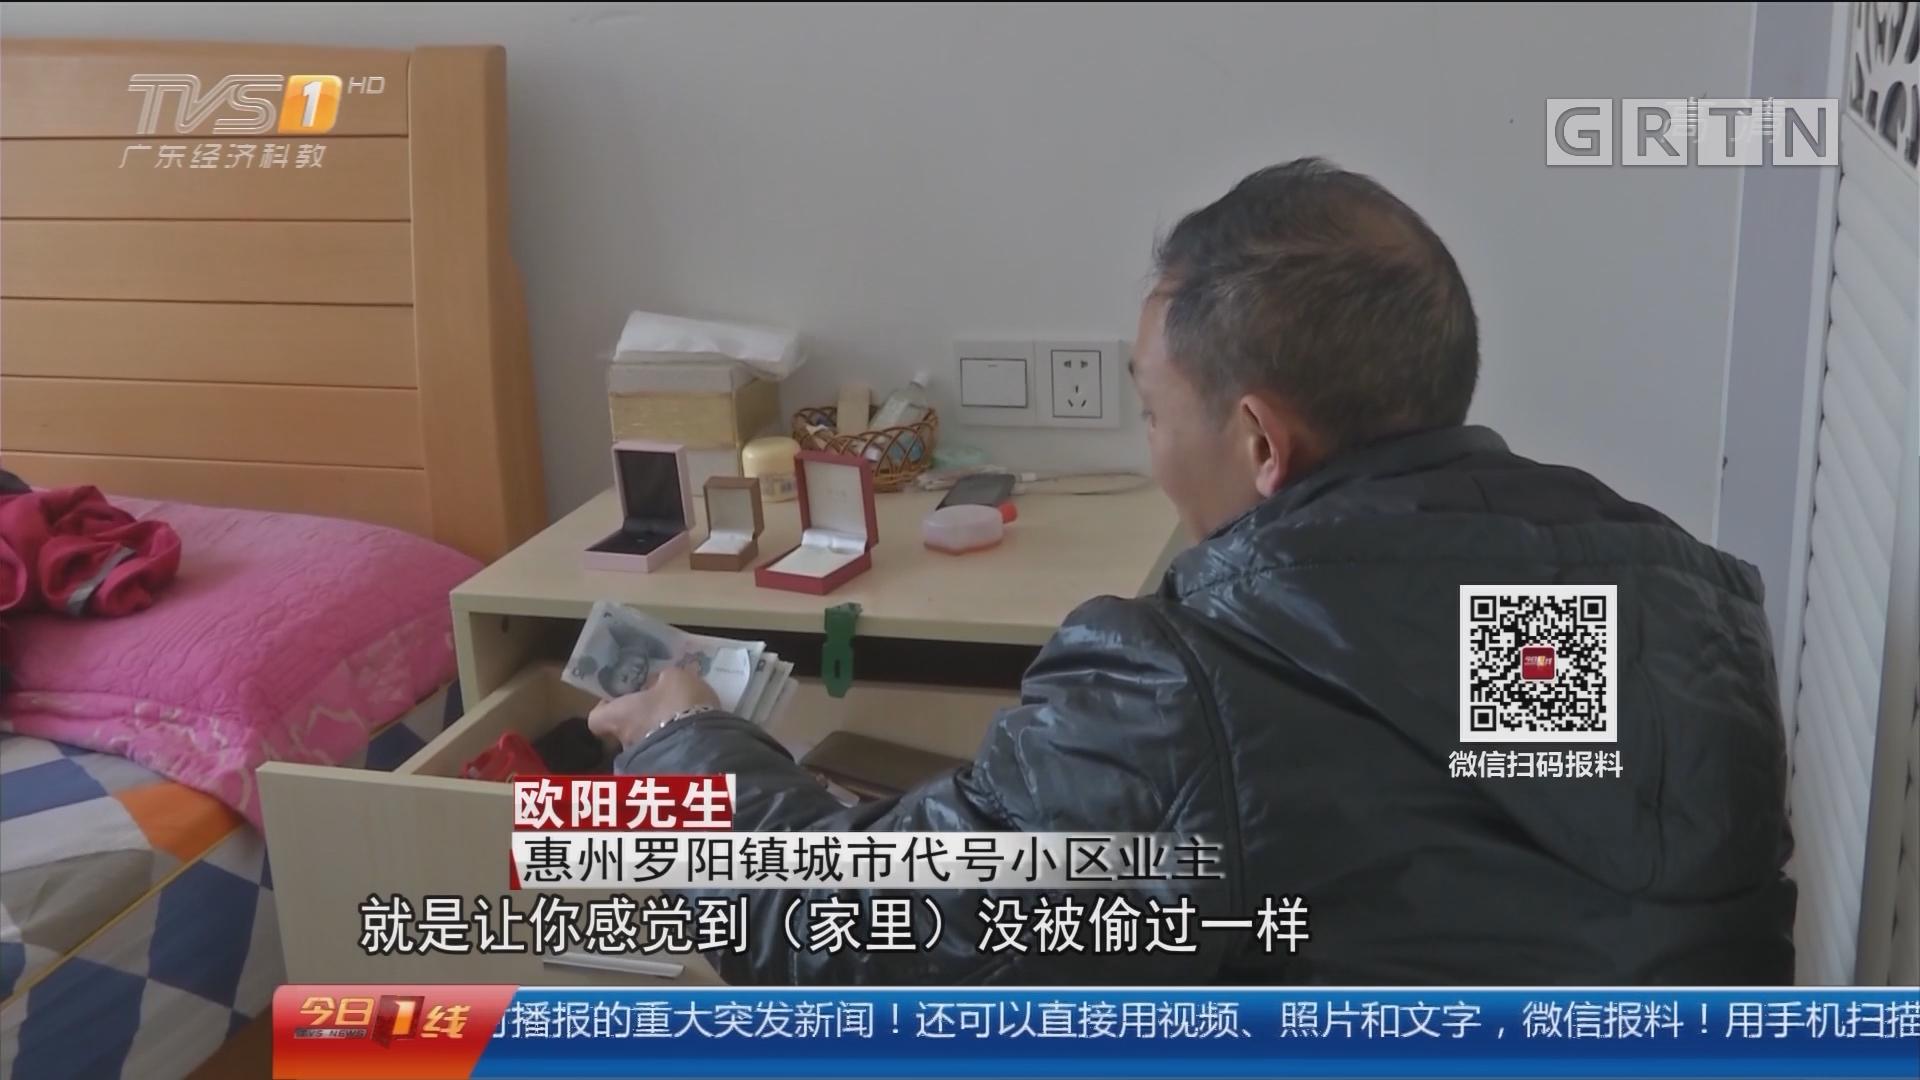 惠州博罗:警方破获小区盗窃案 两疑犯落网